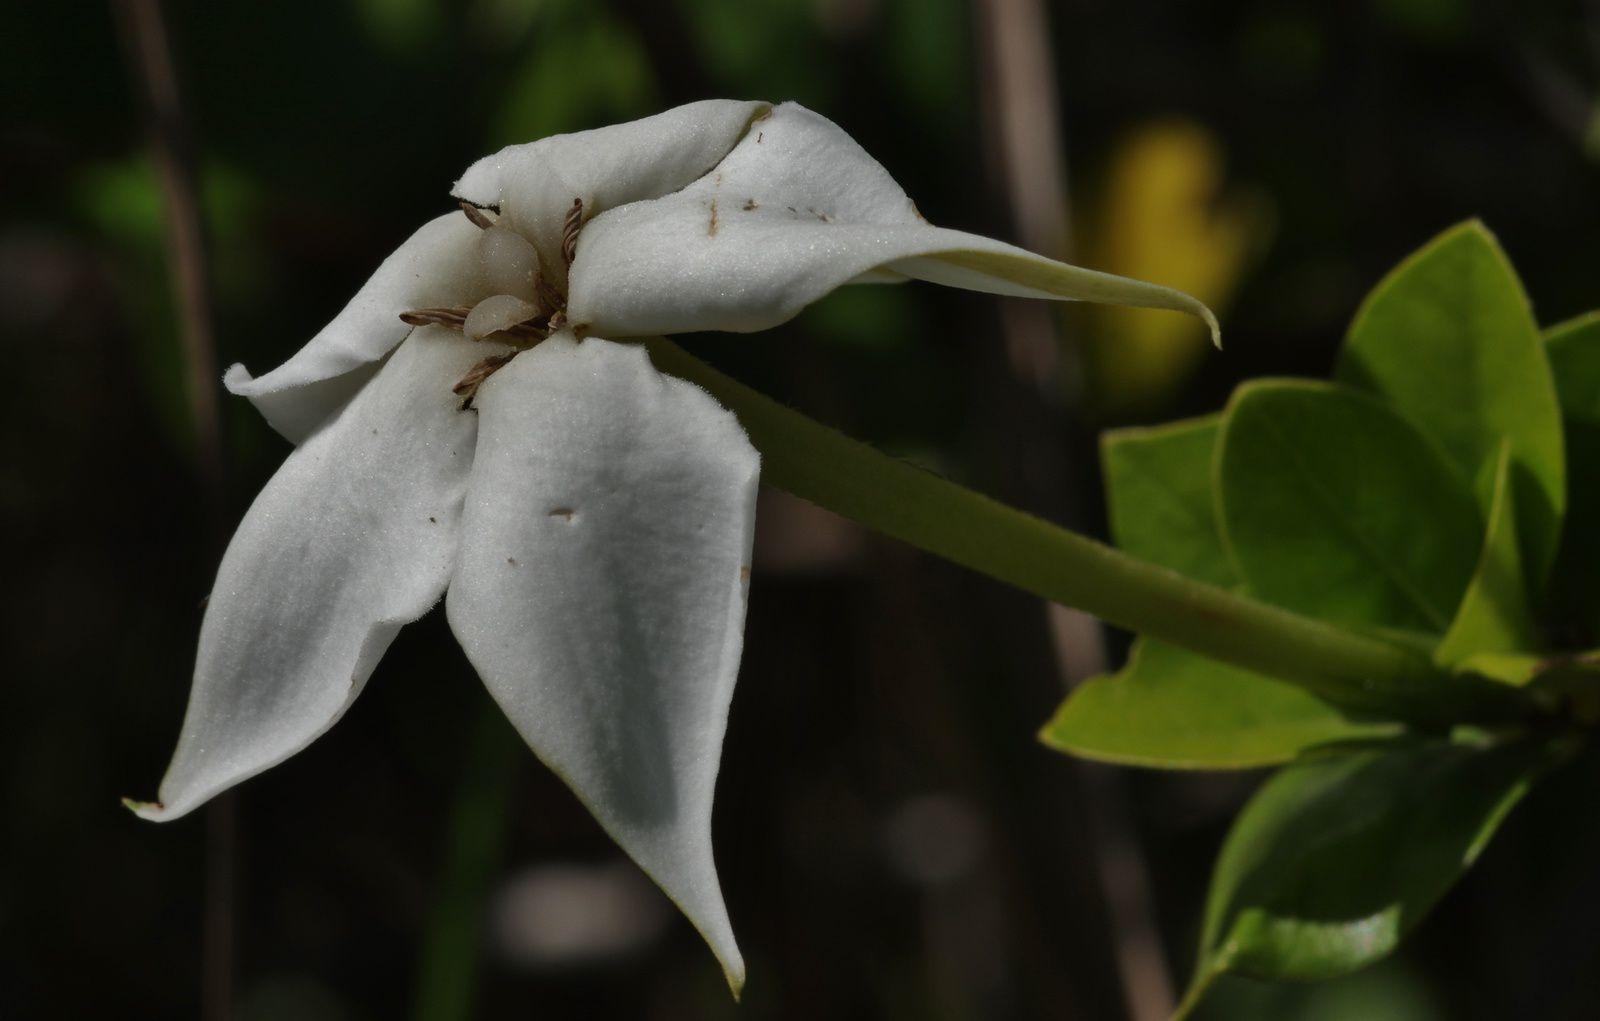 Rosenbergiodendron densiflorum